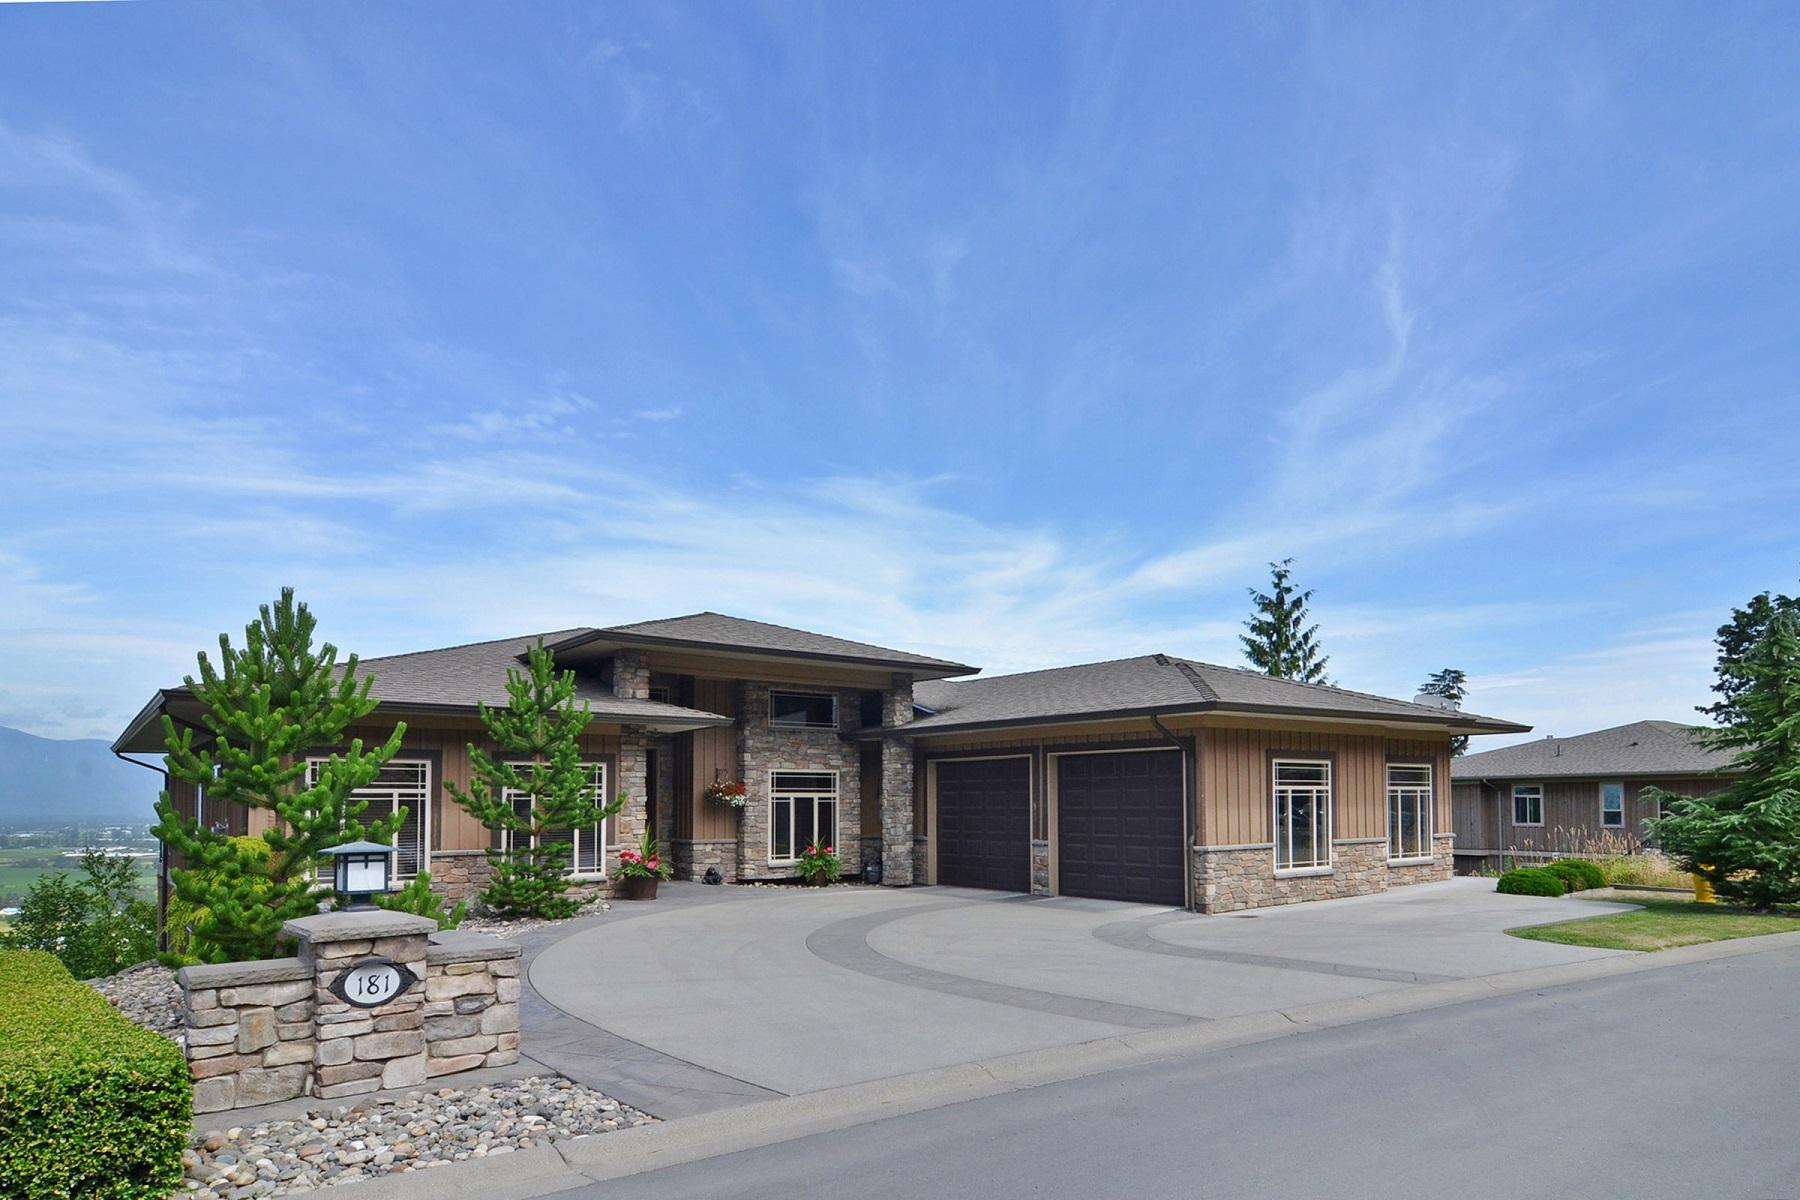 独户住宅 为 销售 在 The Falls Masterpiece 181 - 51075 Falls Cr. Chilliwack, 不列颠哥伦比亚省 V4Z1K7 加拿大